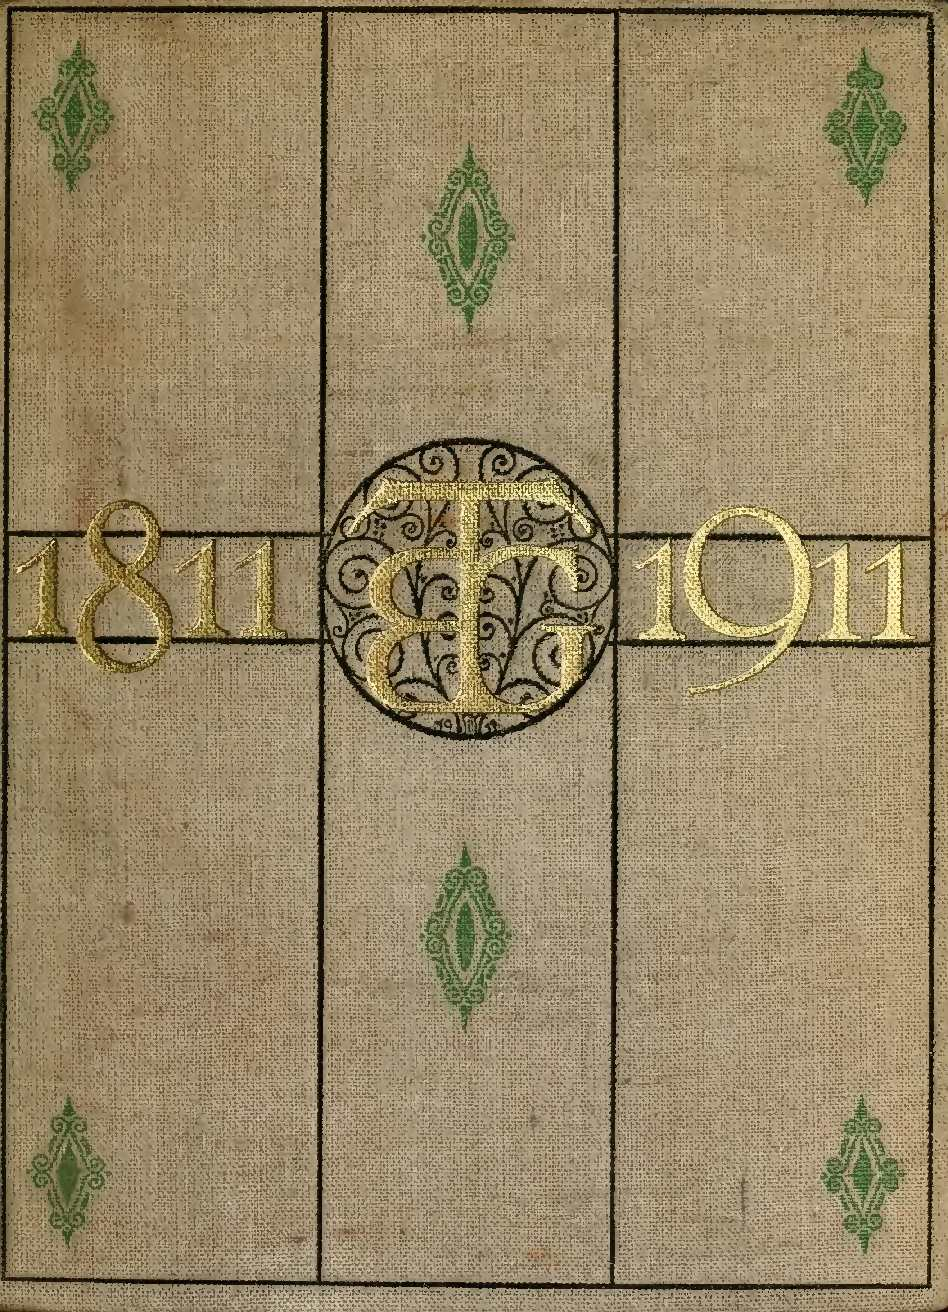 B. G. Teubner, 1811 – 1911: Geschichte der Firma